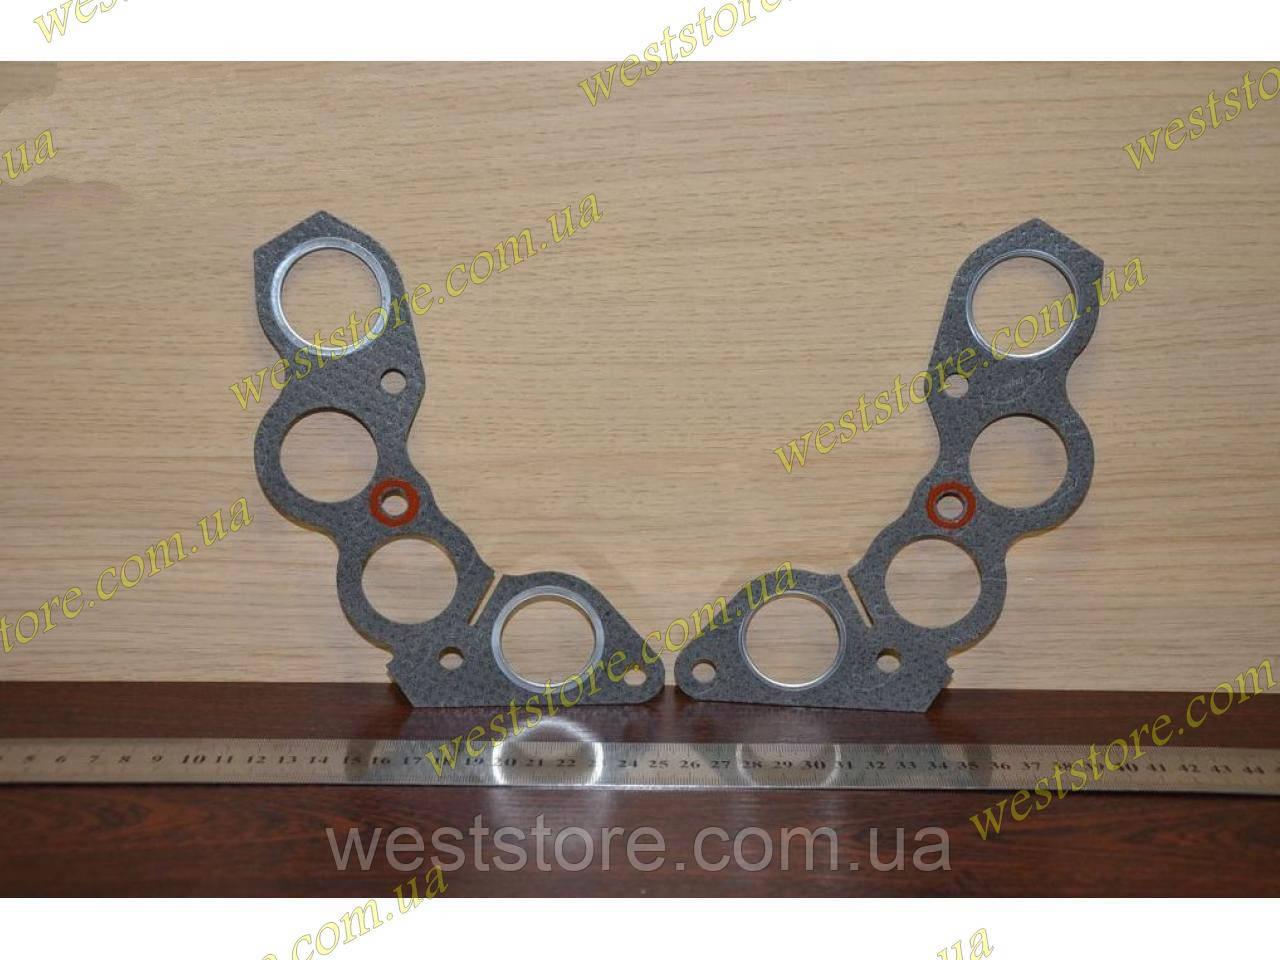 Прокладка коллектора Ваз 2101 2102 2103 2104 2105 2106 2107 герметик БЦМ Беларусь 1 шт